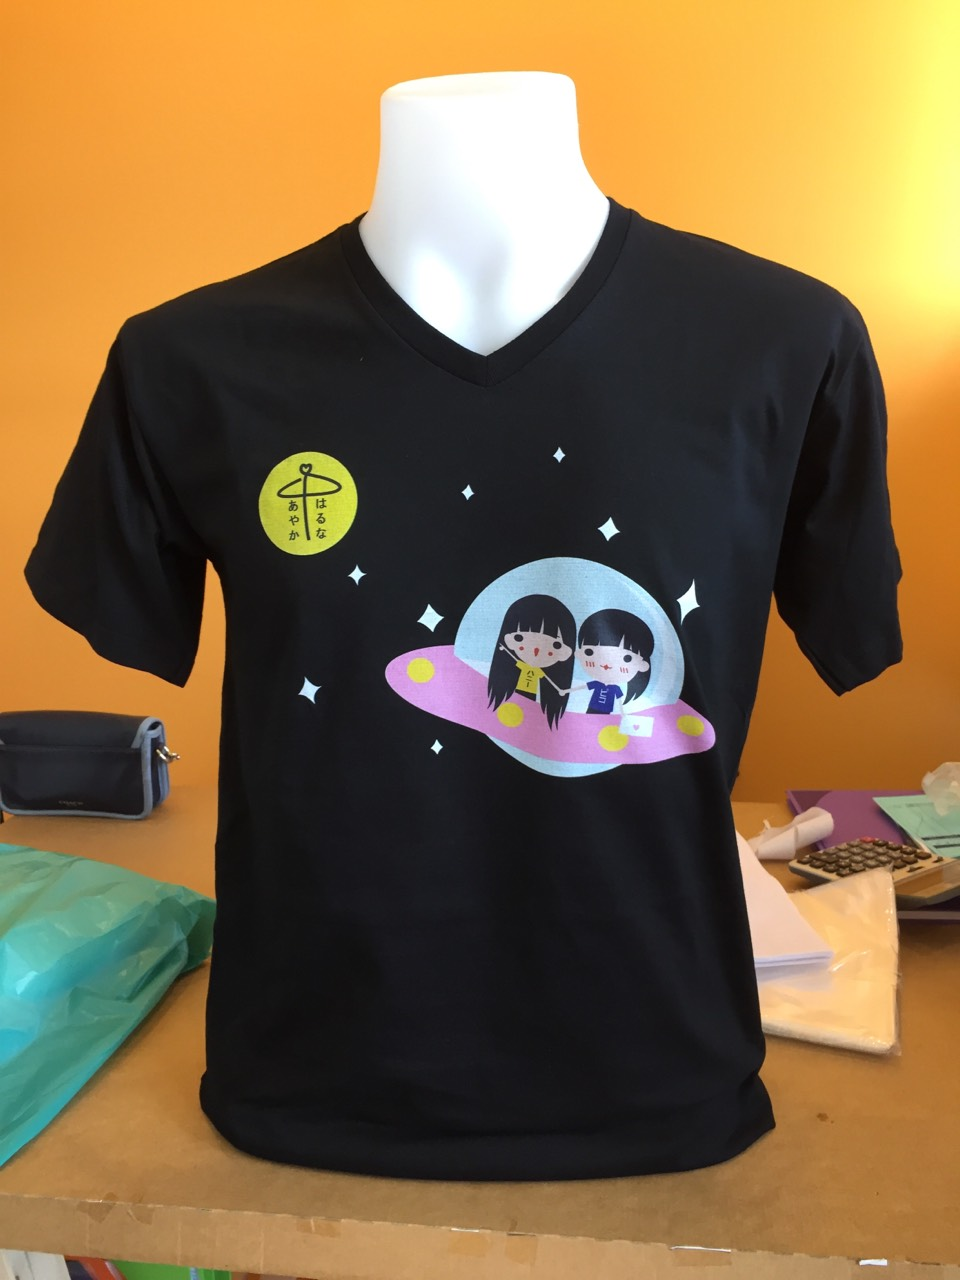 สกรีนเสื้อยืดสีดำ ลายอวกาศน่ารักๆสีสันสดใส